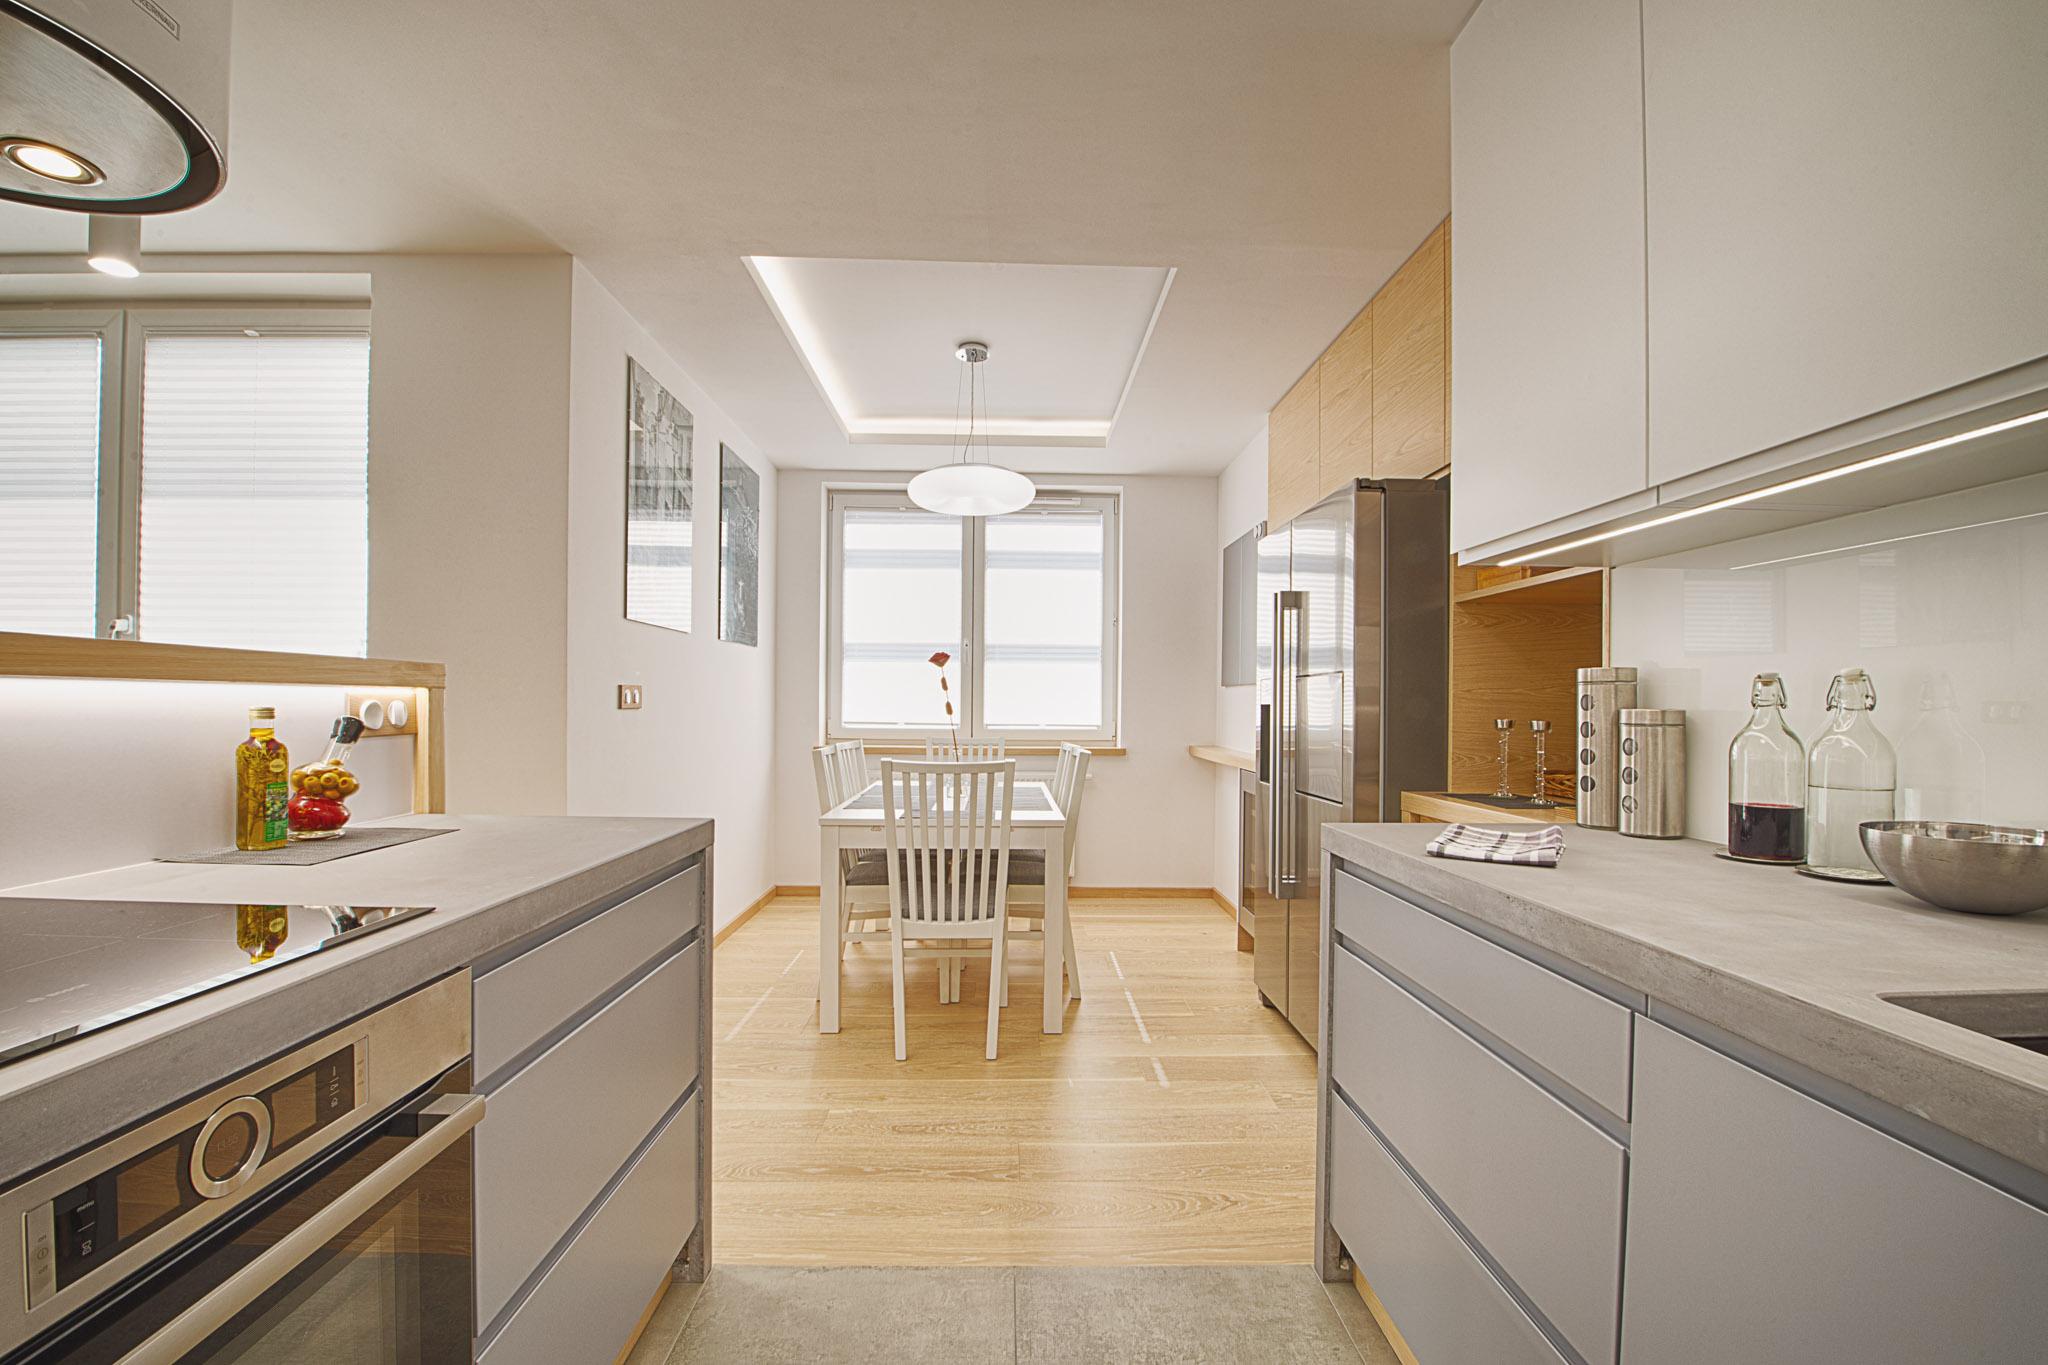 Na osi kuchni, w wydzielonej wnęce, znajduje się jadalnia - dobrze funkcjonalnie połączona z kuchnią i salonem, ale jedocześnie stanowiąca odrębną strefę.